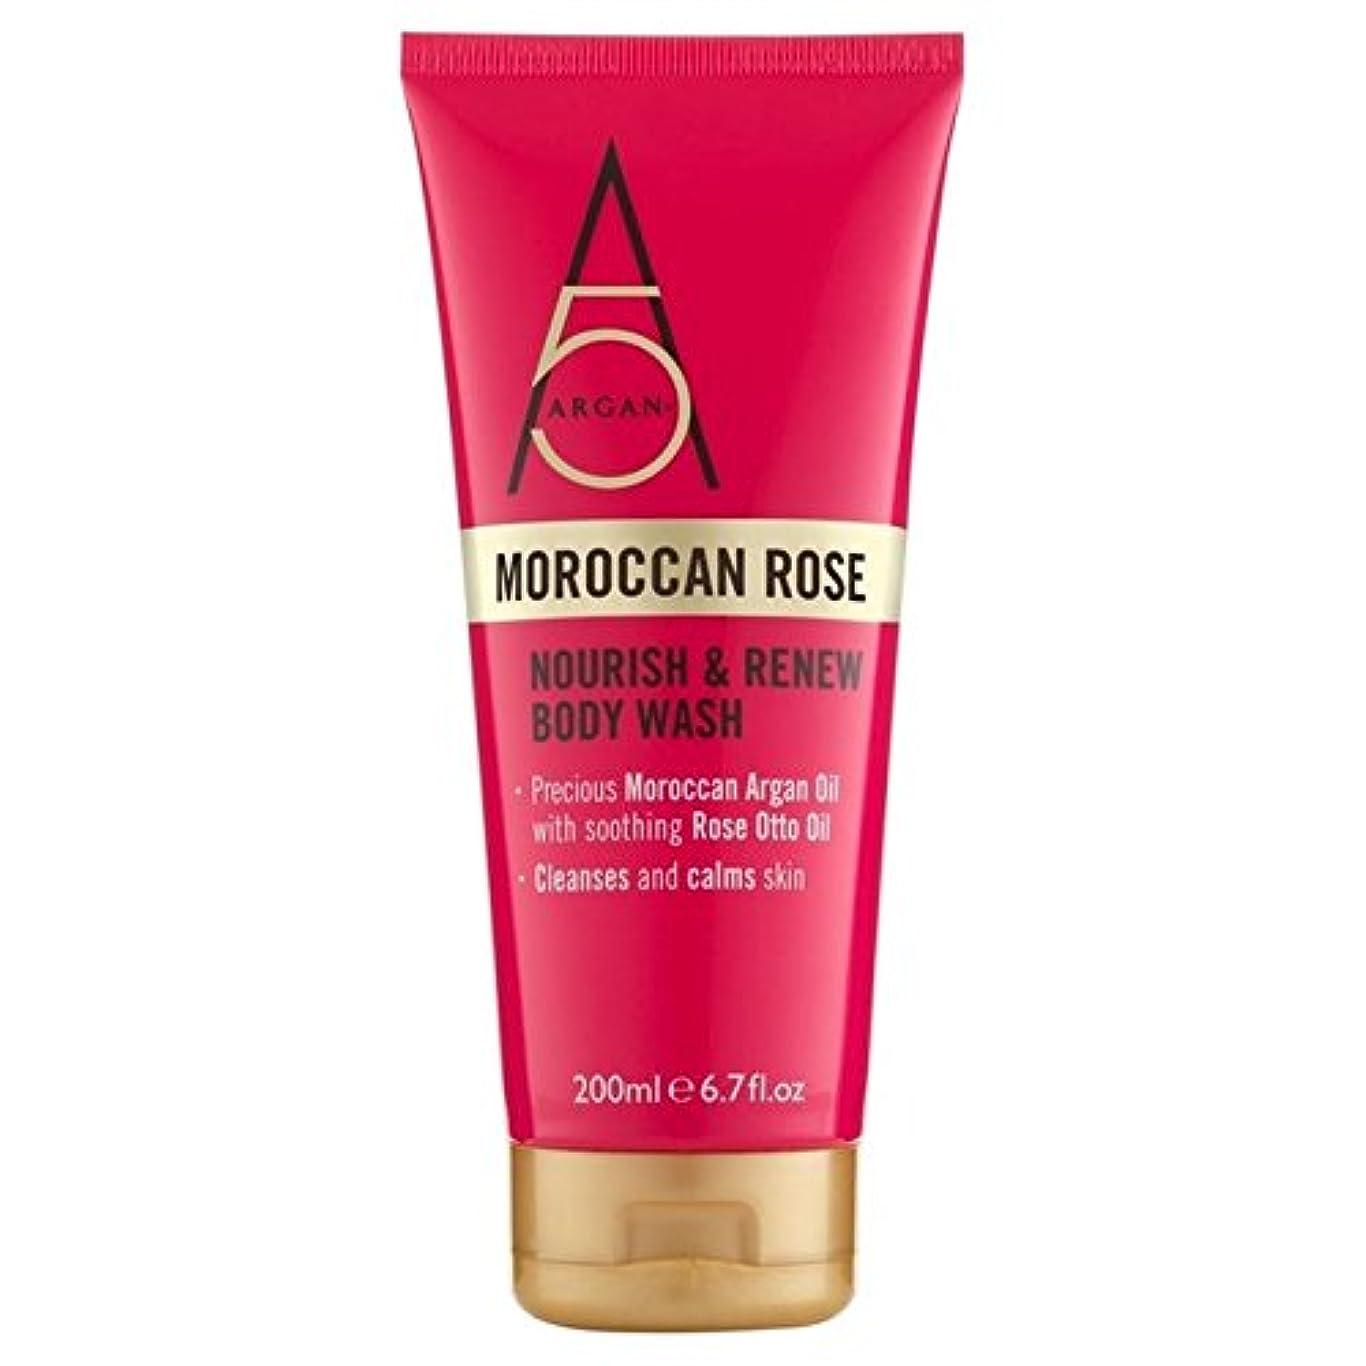 ダーベビルのテス読みやすい手数料アルガン+モロッコは、ボディウォッシュ300ミリリットルをバラ x2 - Argan+ Moroccan Rose Body Wash 300ml (Pack of 2) [並行輸入品]